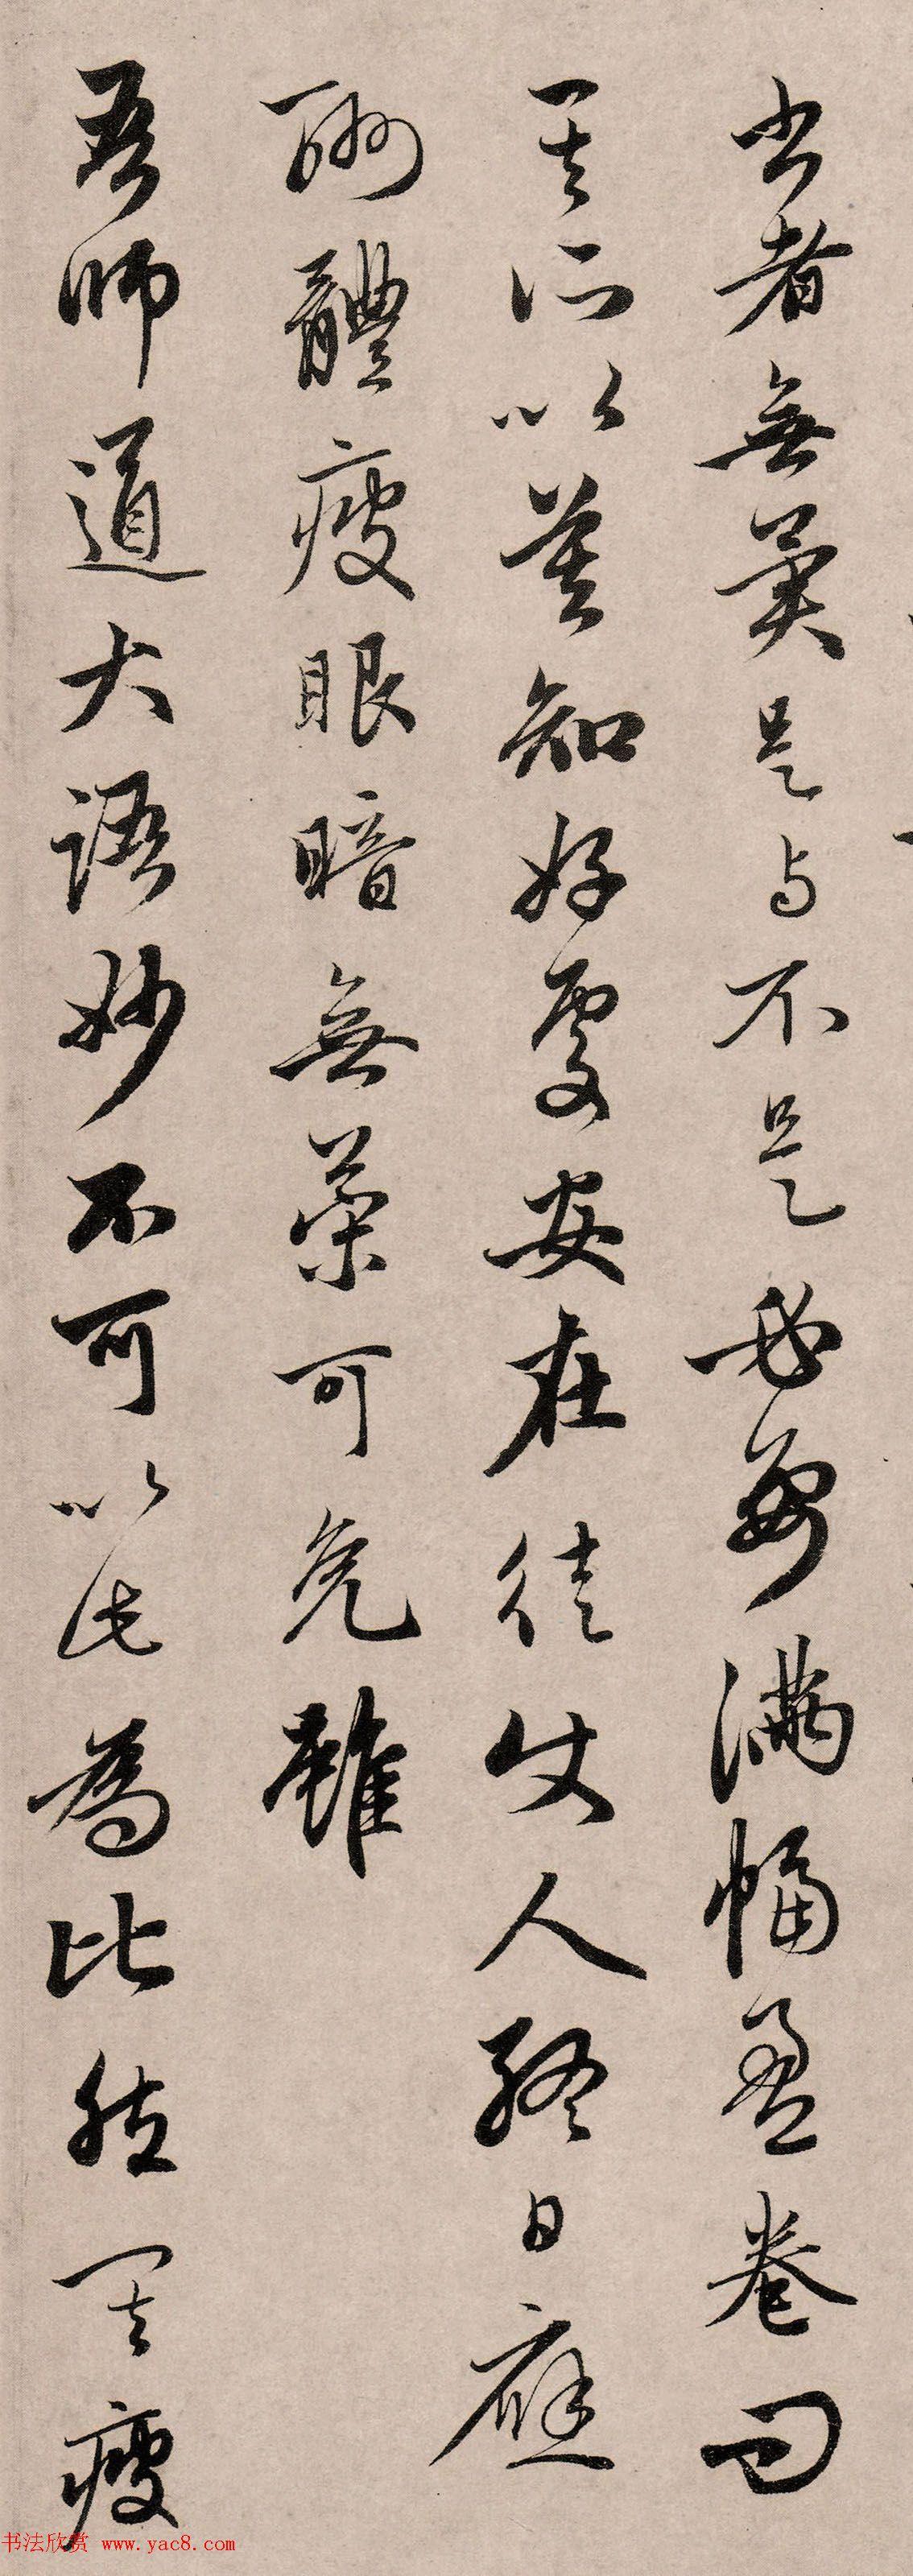 赵孟頫67岁行书《千江入城帖》